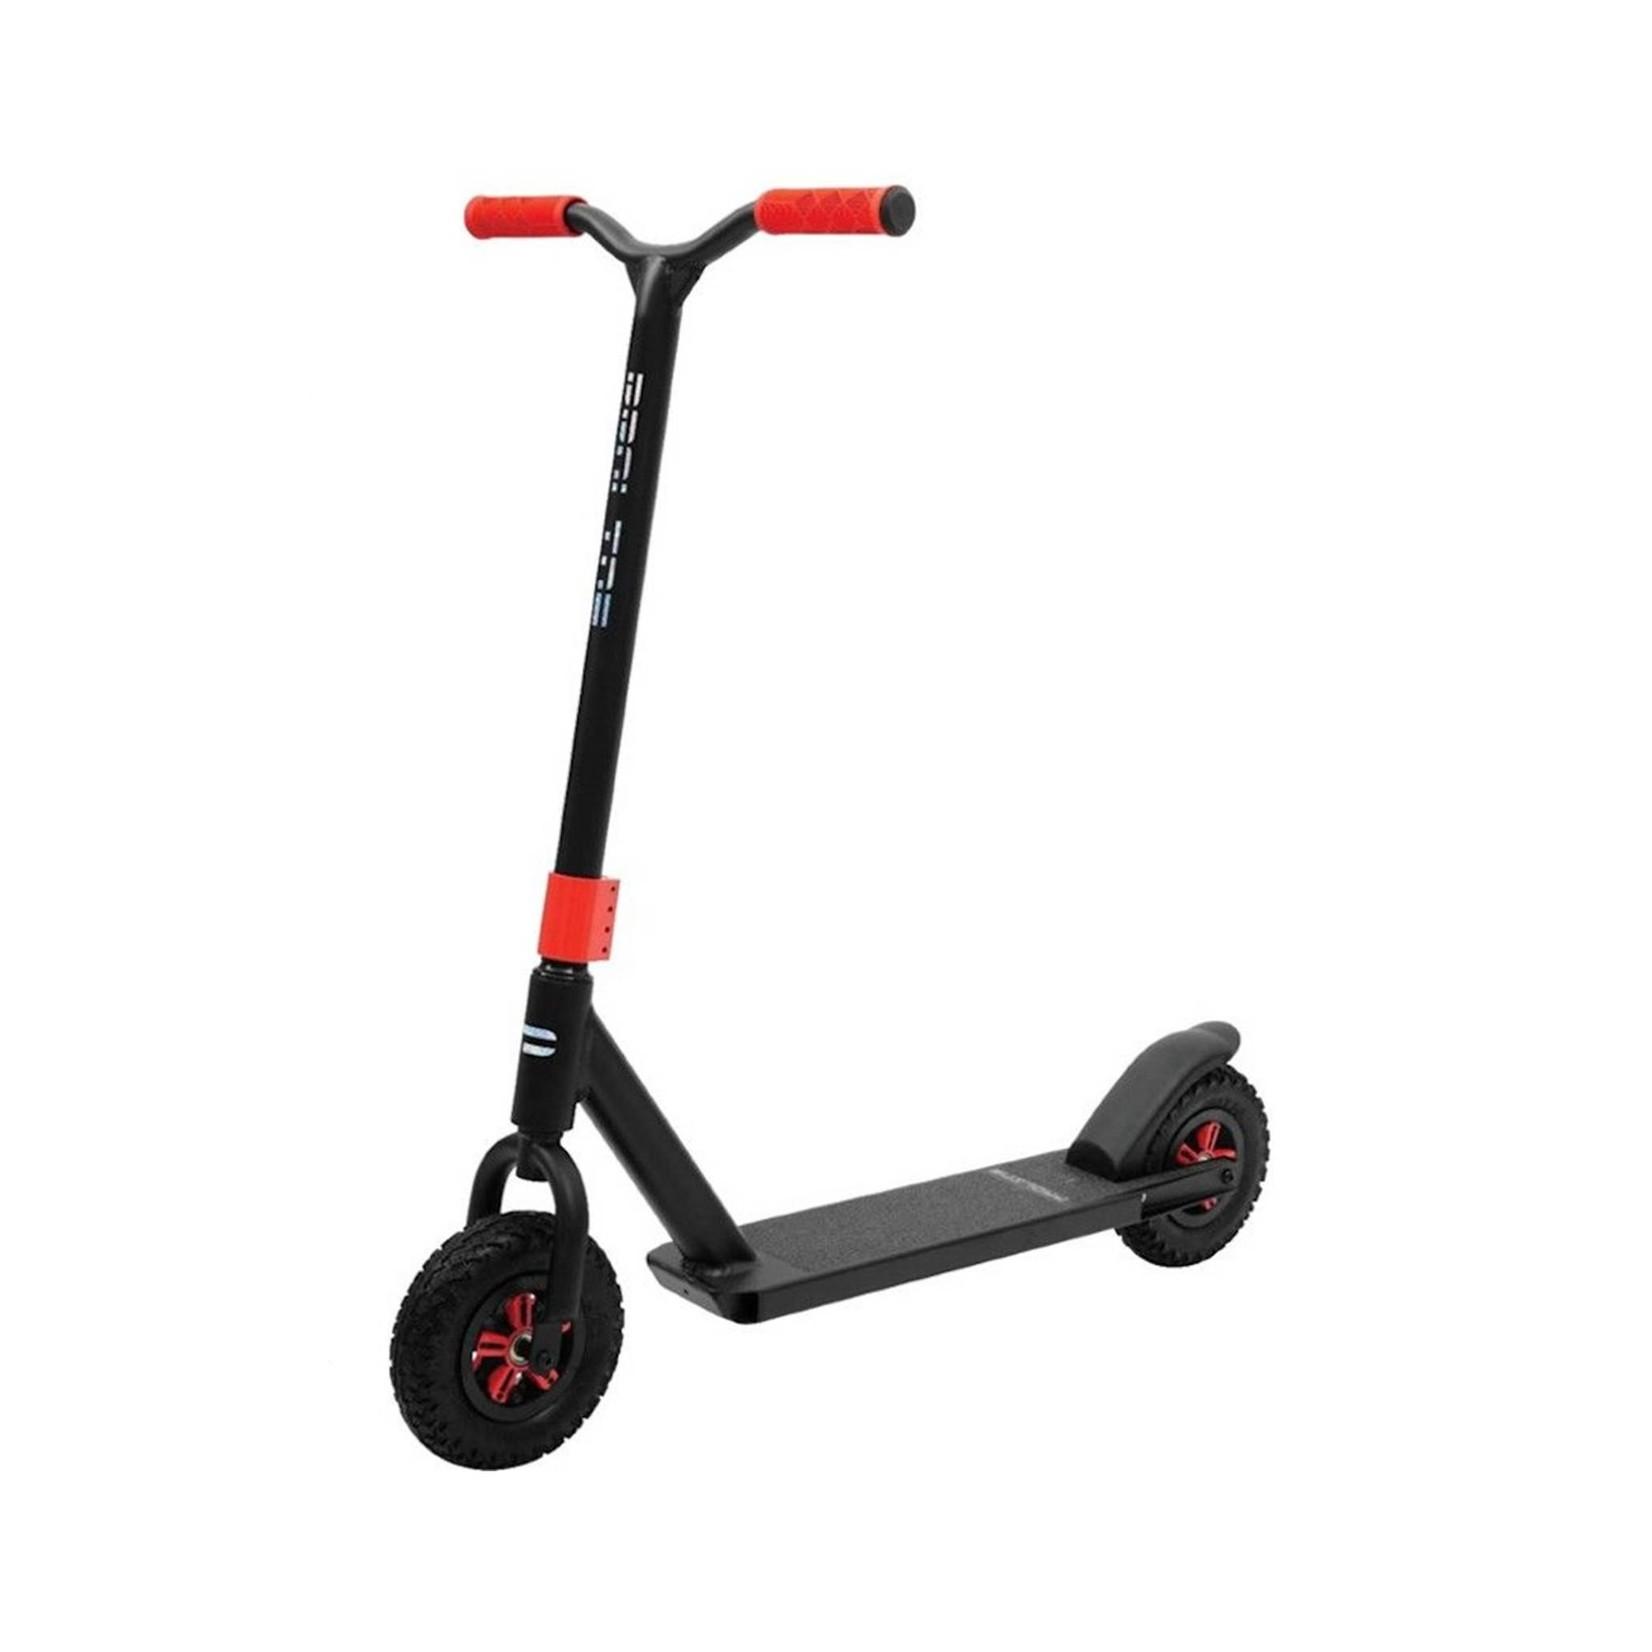 PROLINE Proline Dirt Scooter V2 Black